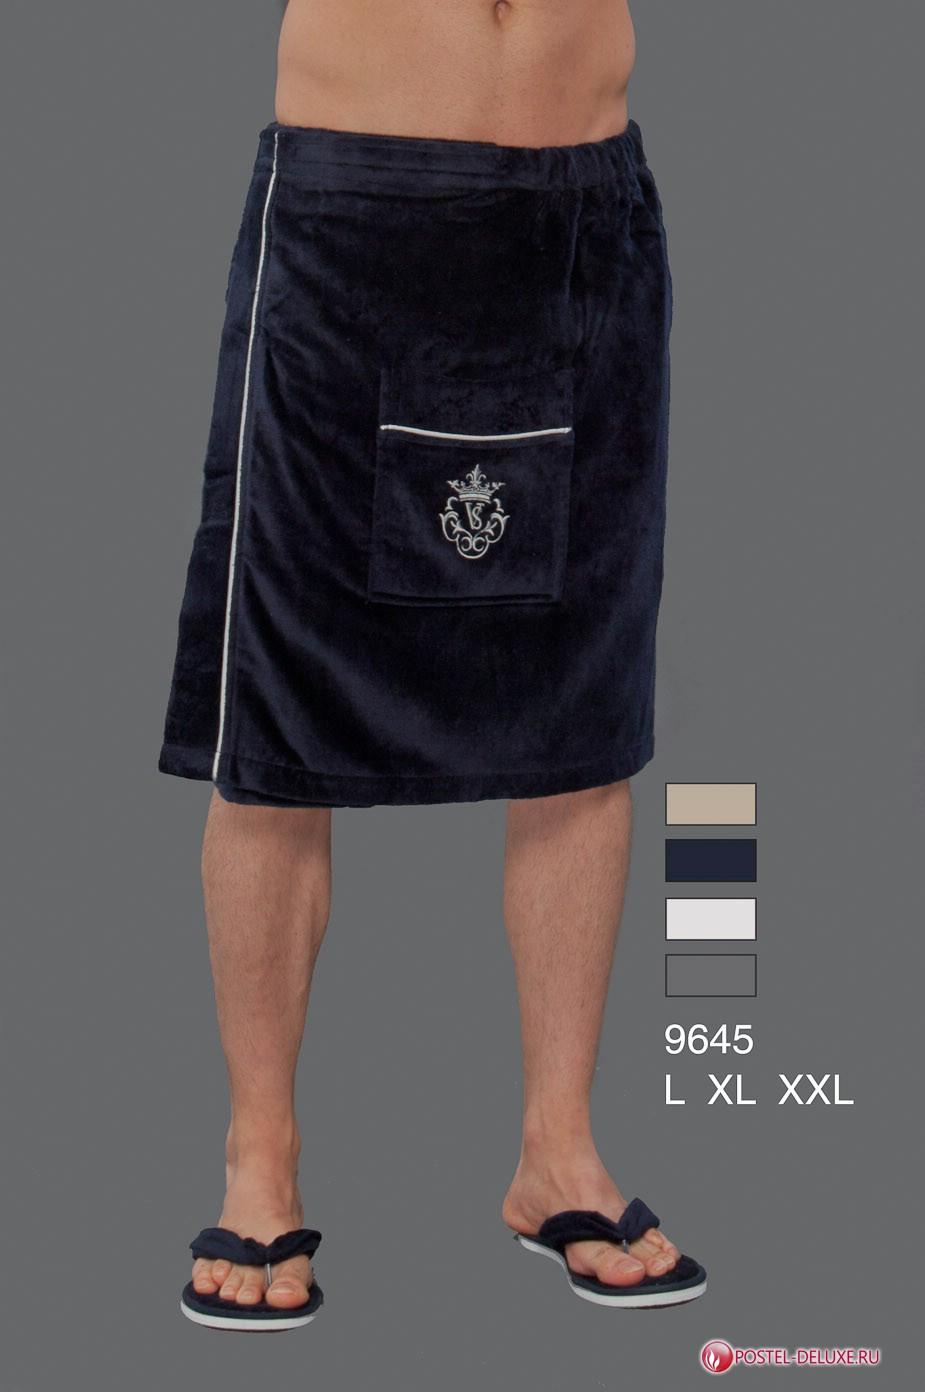 Набор для сауны Virginia Secret Постель Делюкс 1540.000